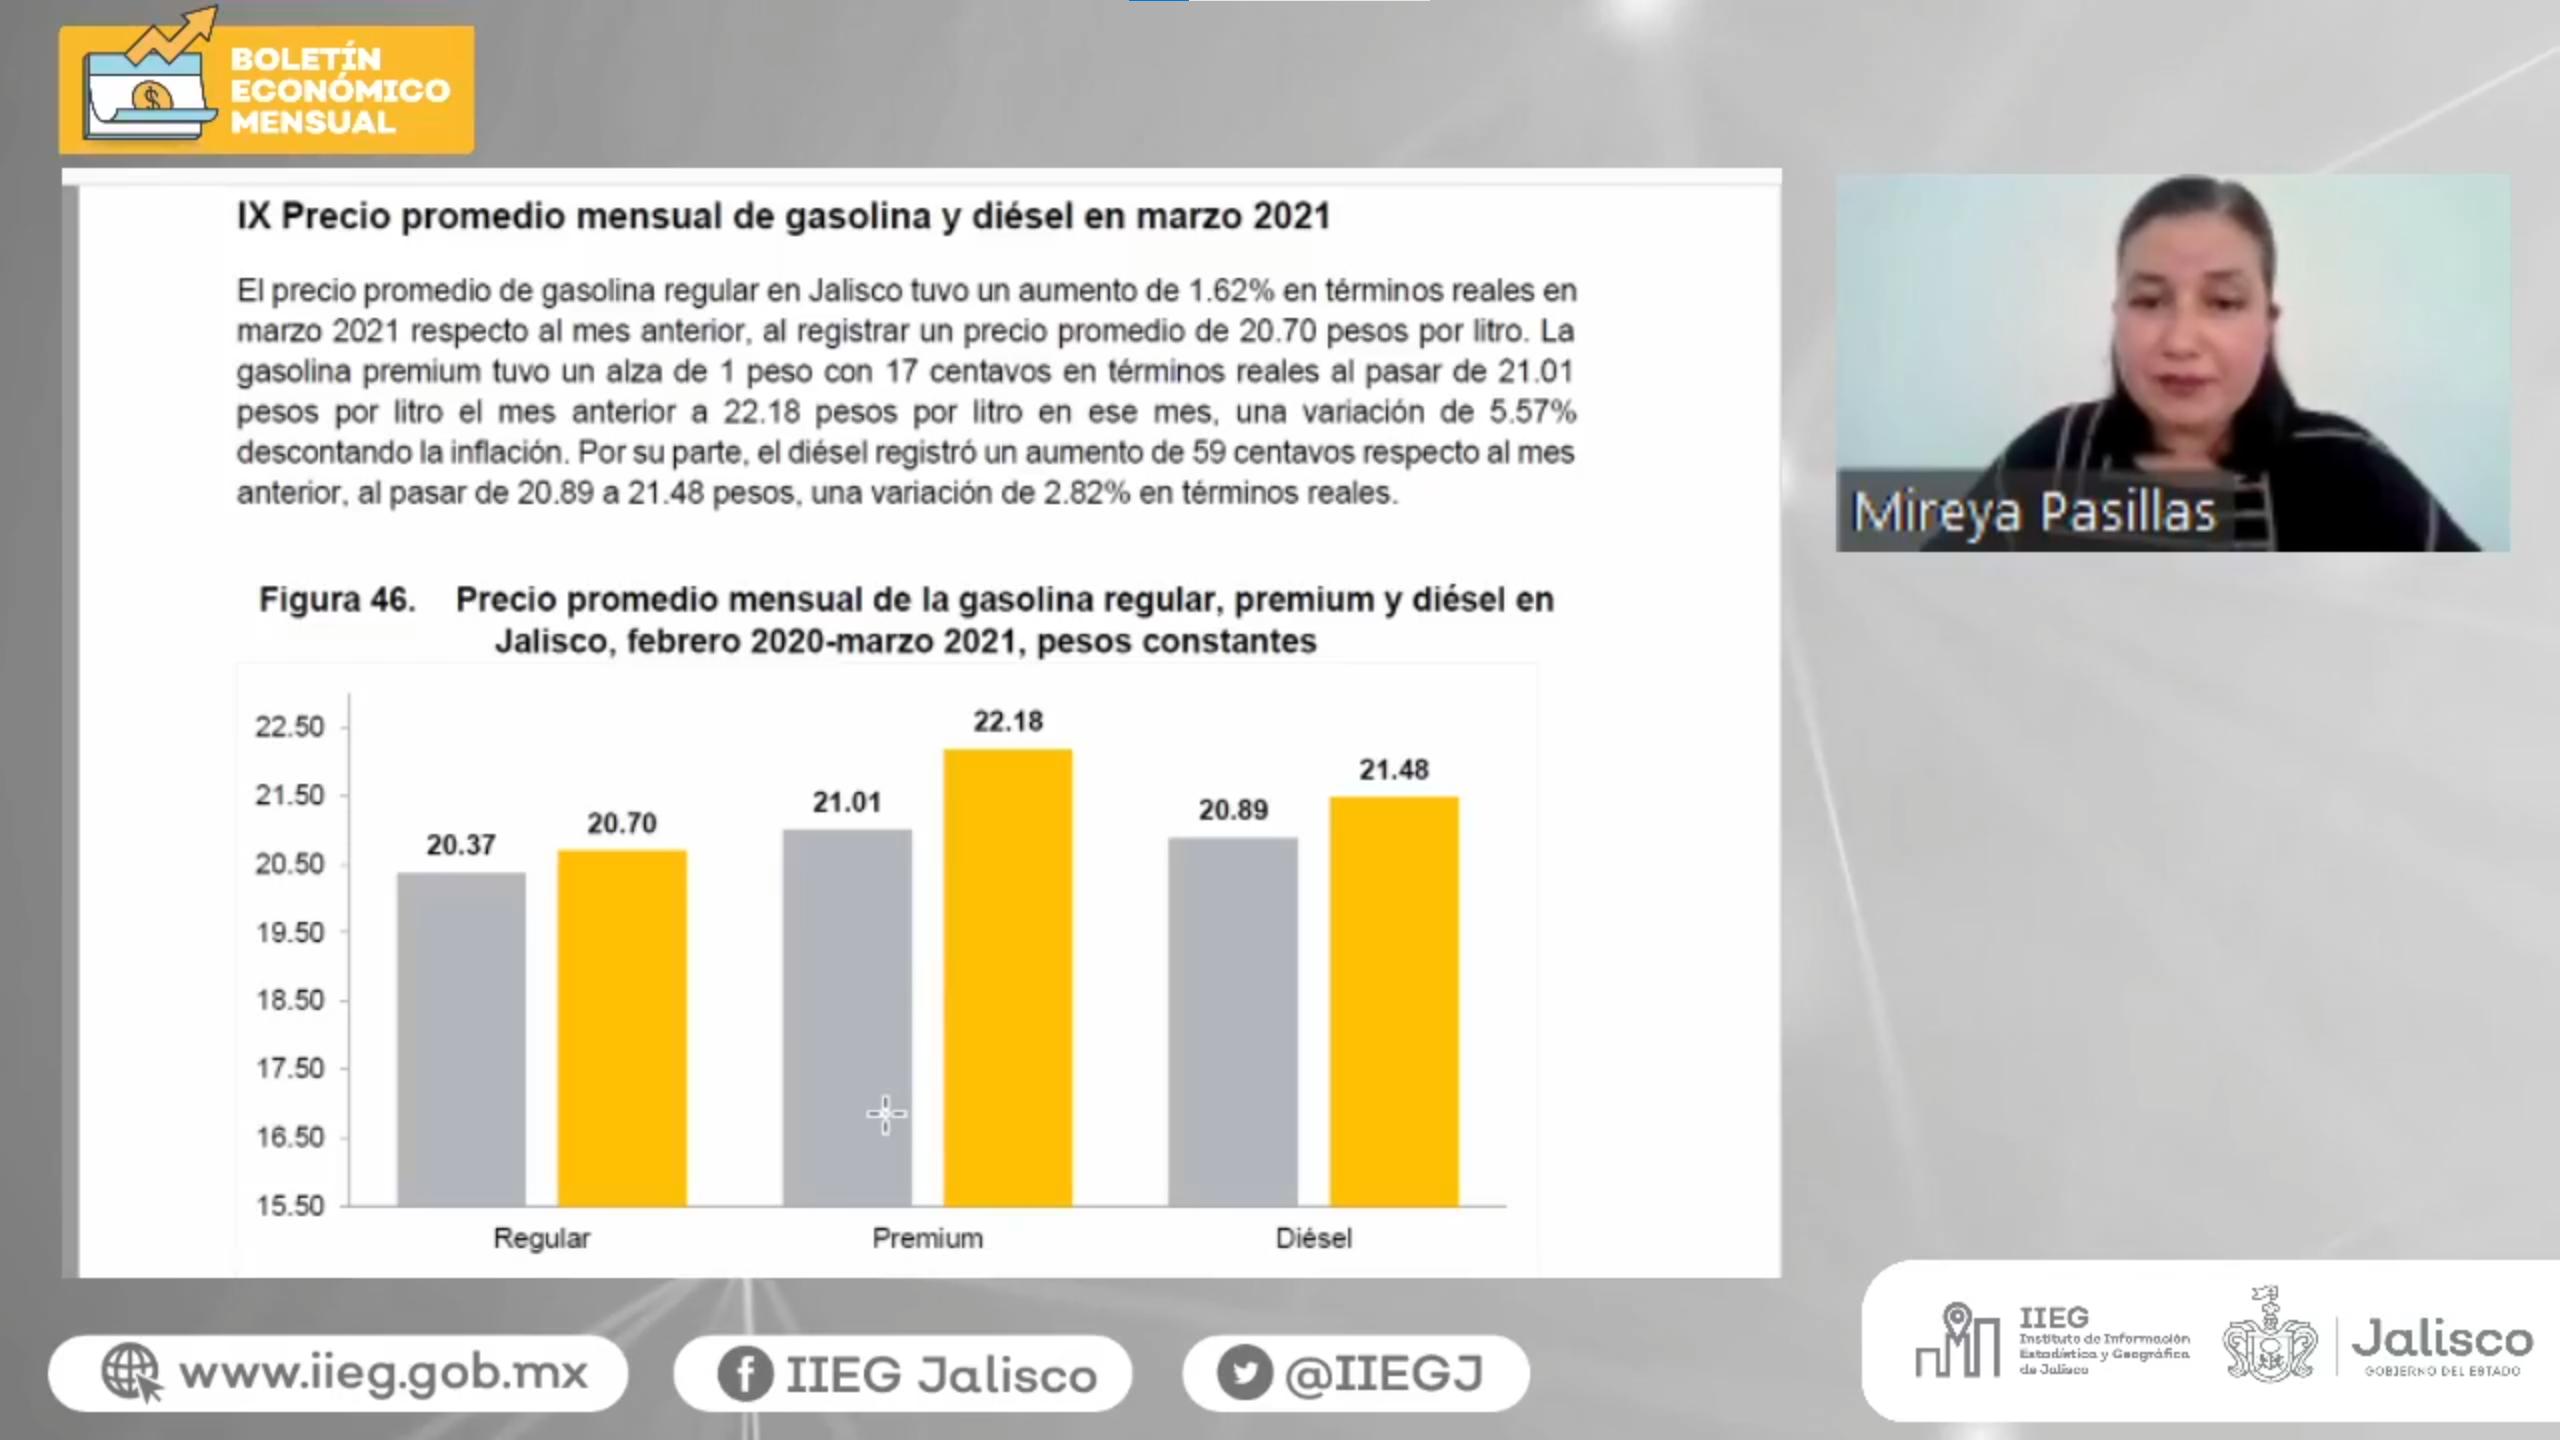 IIEG presenta Boletín Económico Mensual del mes de abril